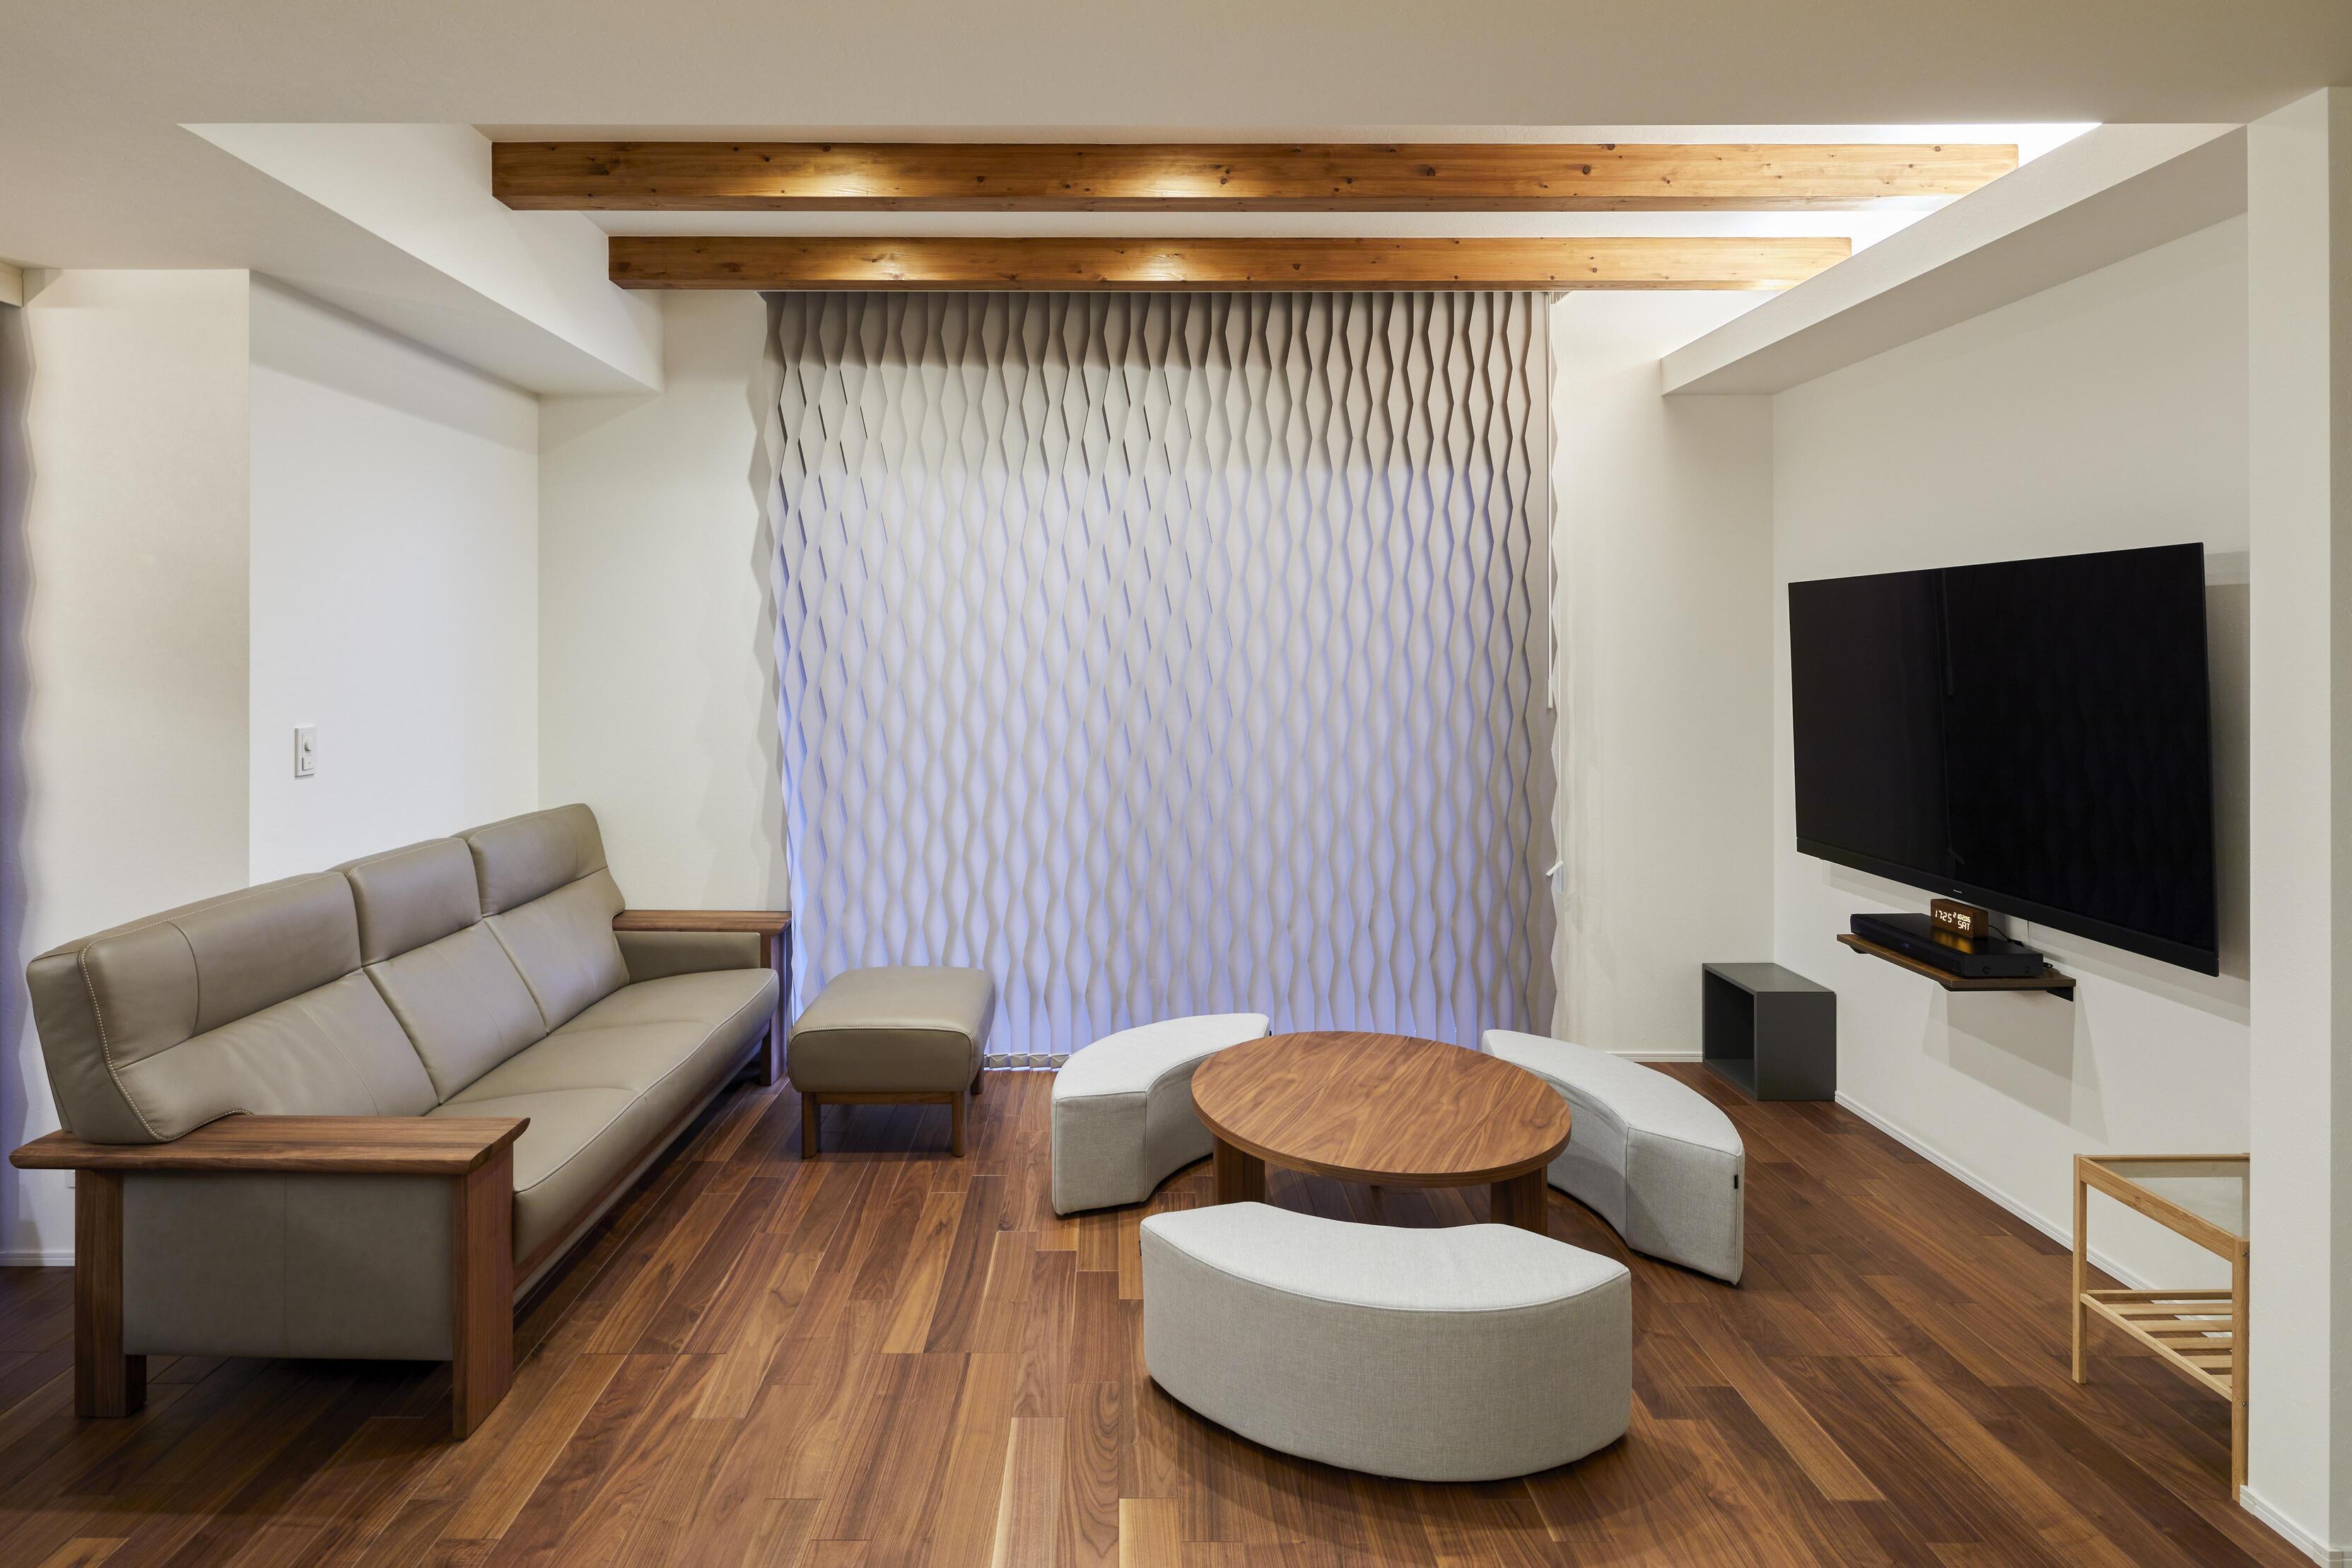 折り上げ天井×見せ梁×間接照明の上品なリビング。床材には抗菌・消臭機能の付いた高性能フローリングを採用